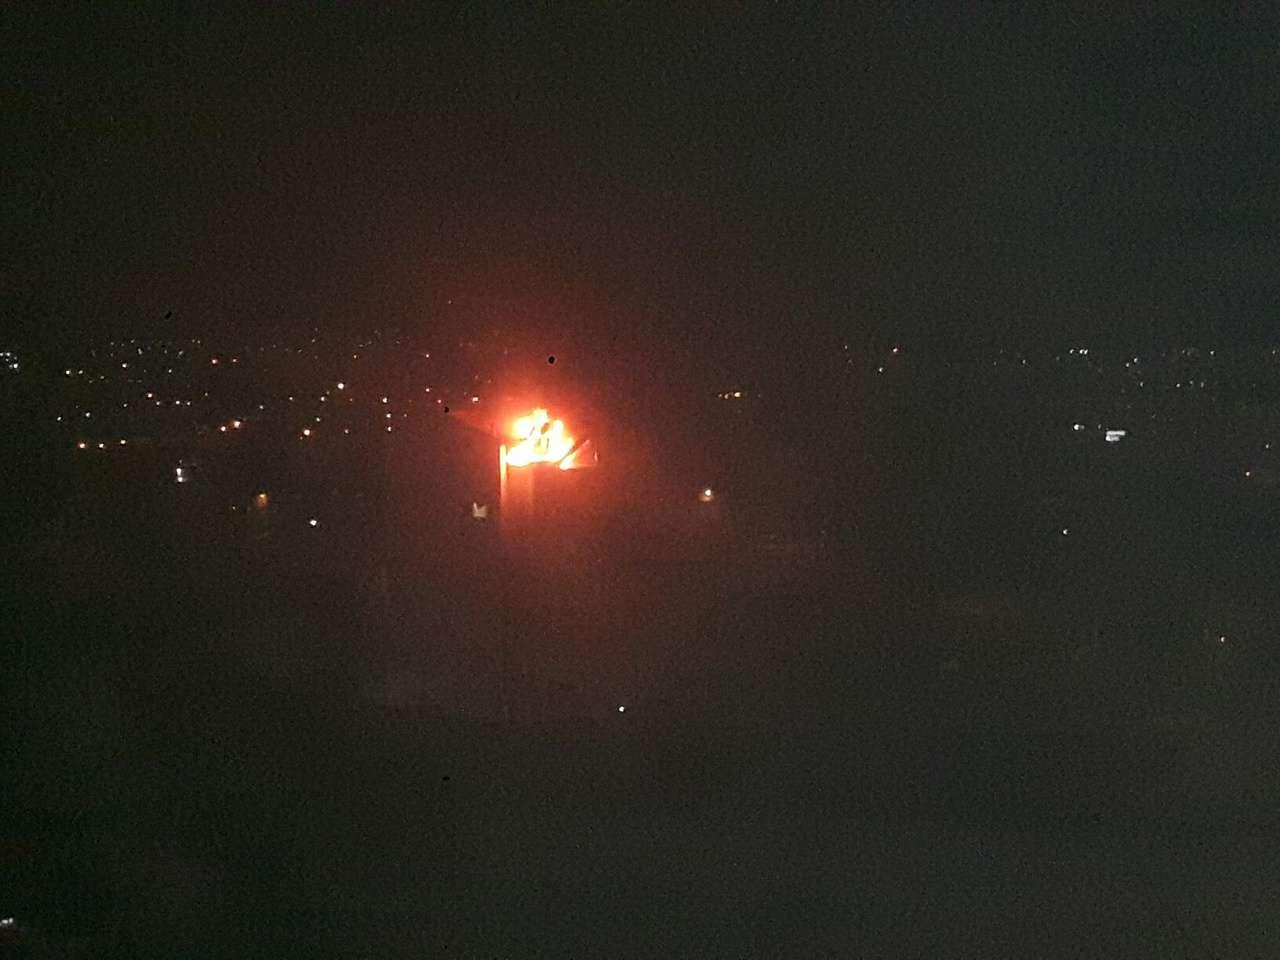 Χανιά: Φωτιά σε ταράτσα πολυκατοικίας στον Αγ. Ιωάννη (φωτο)